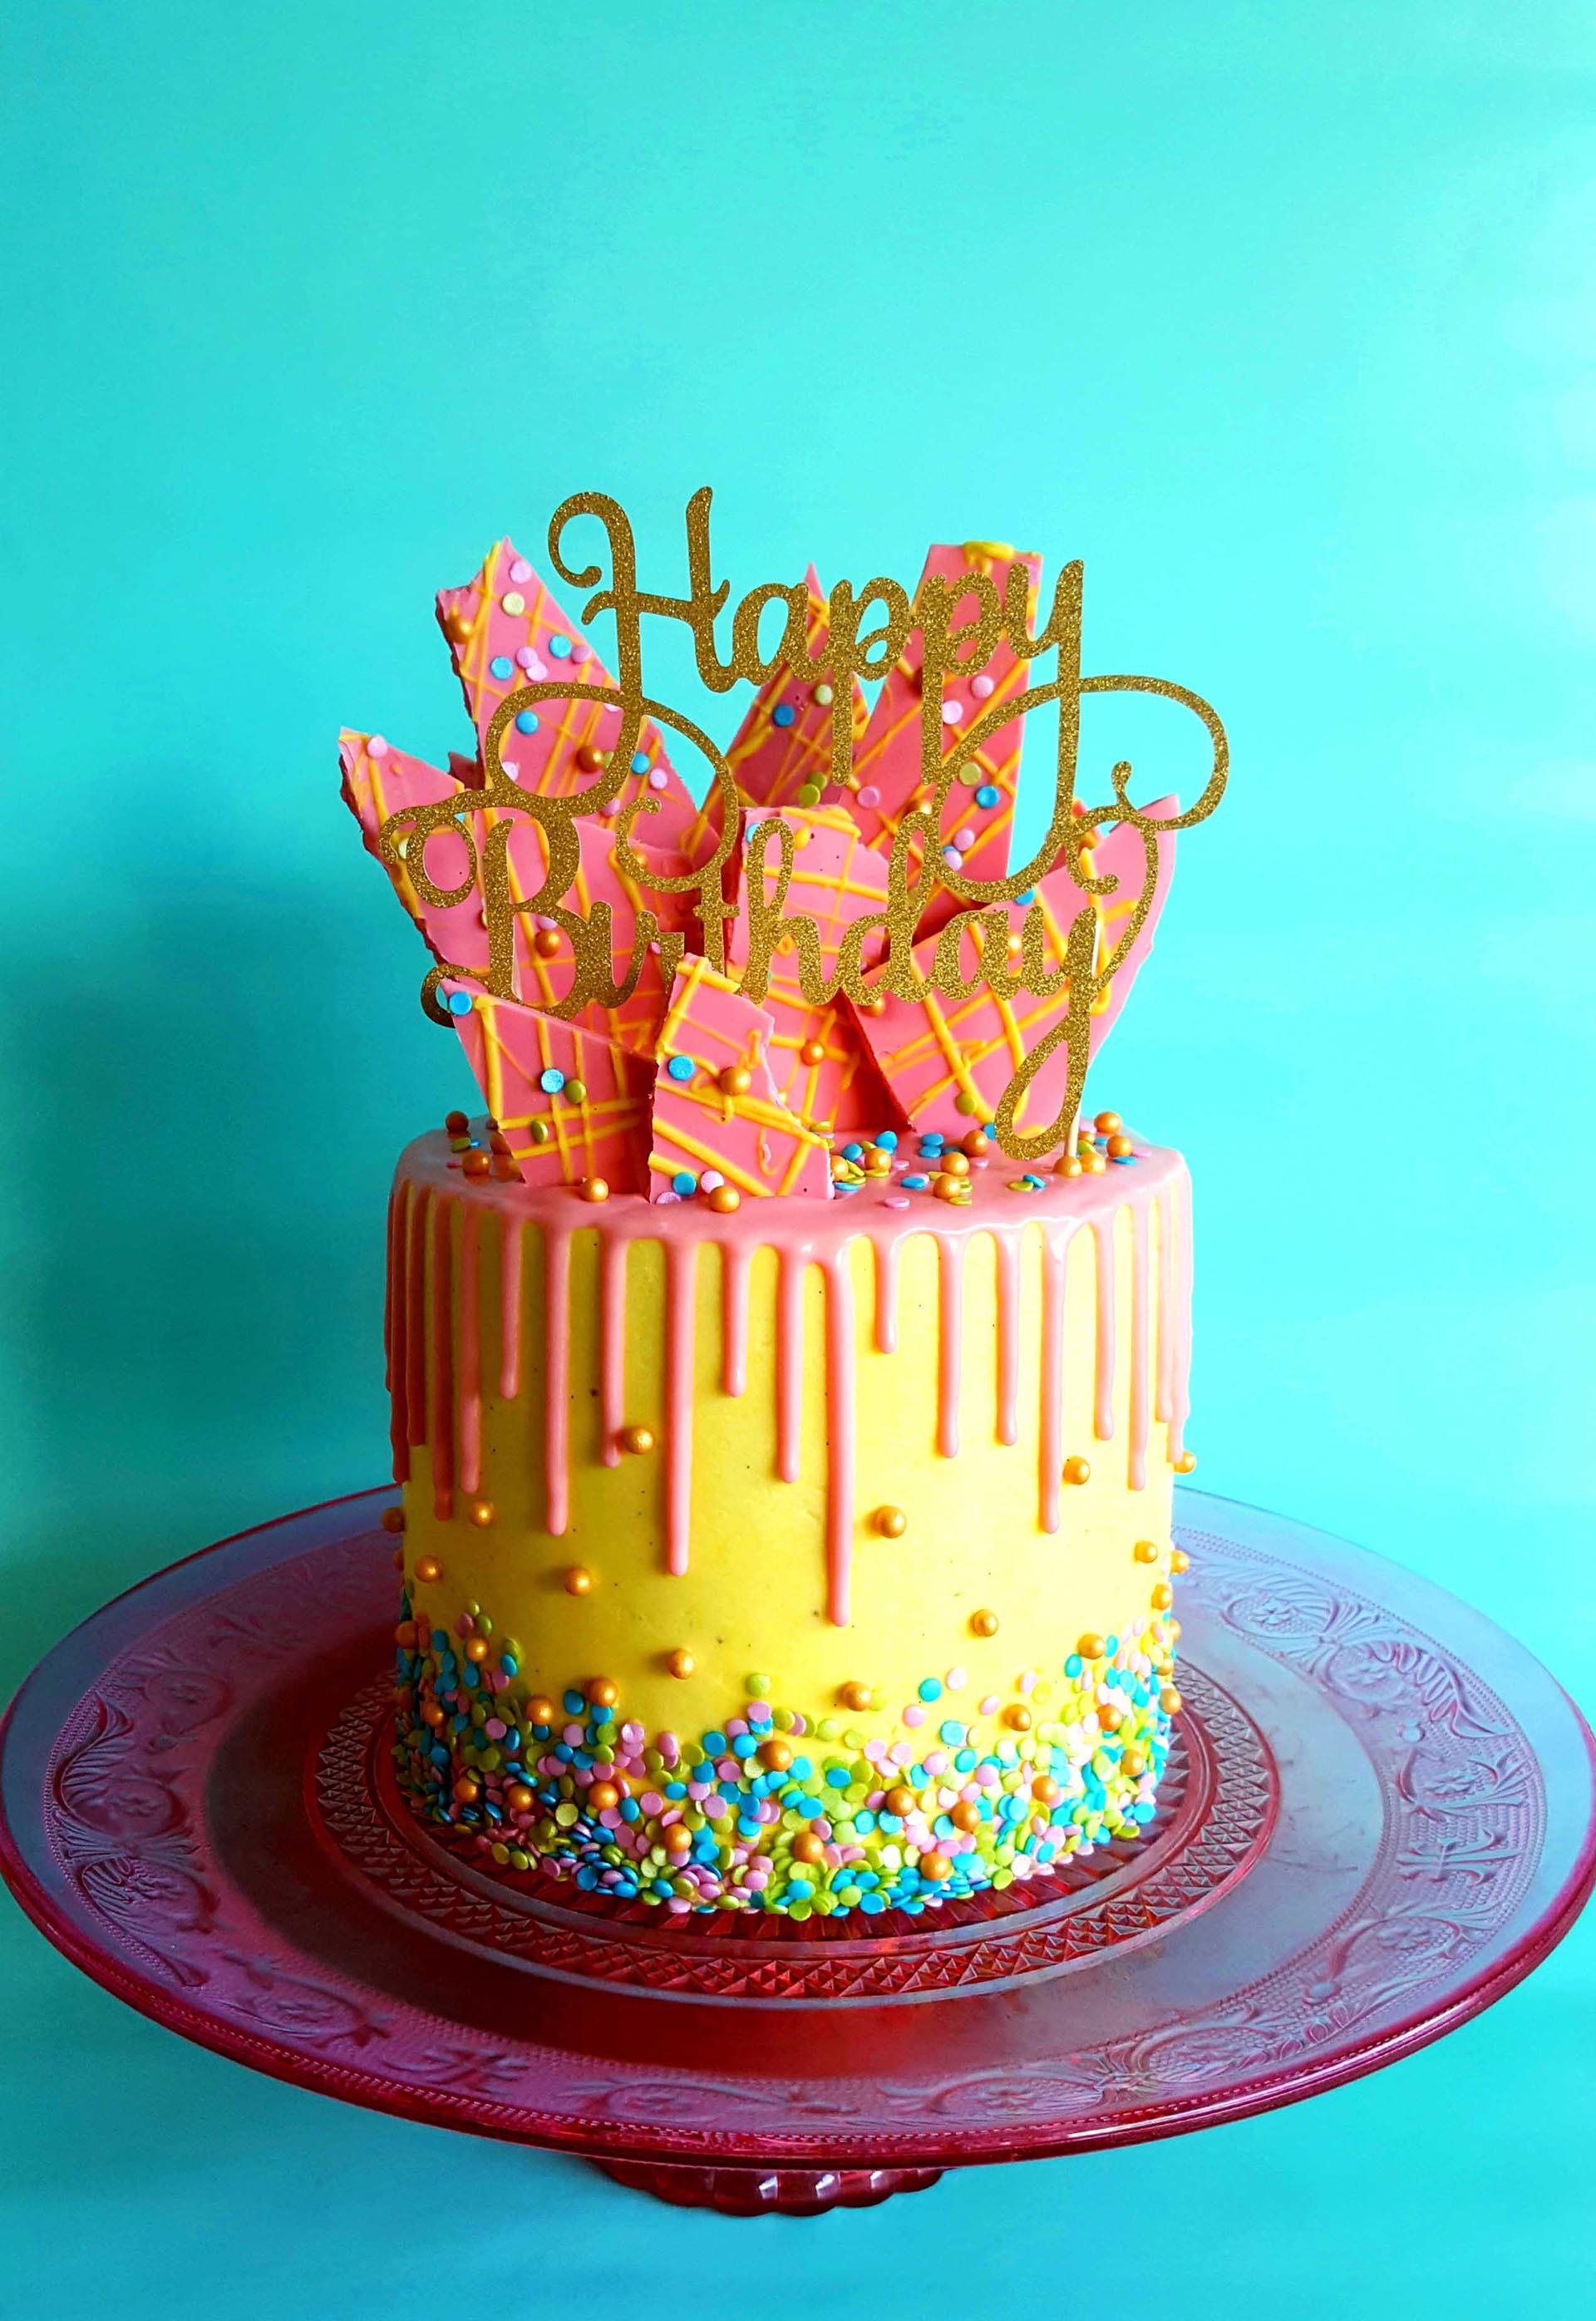 Niki_van_Bake_Let's celebrate